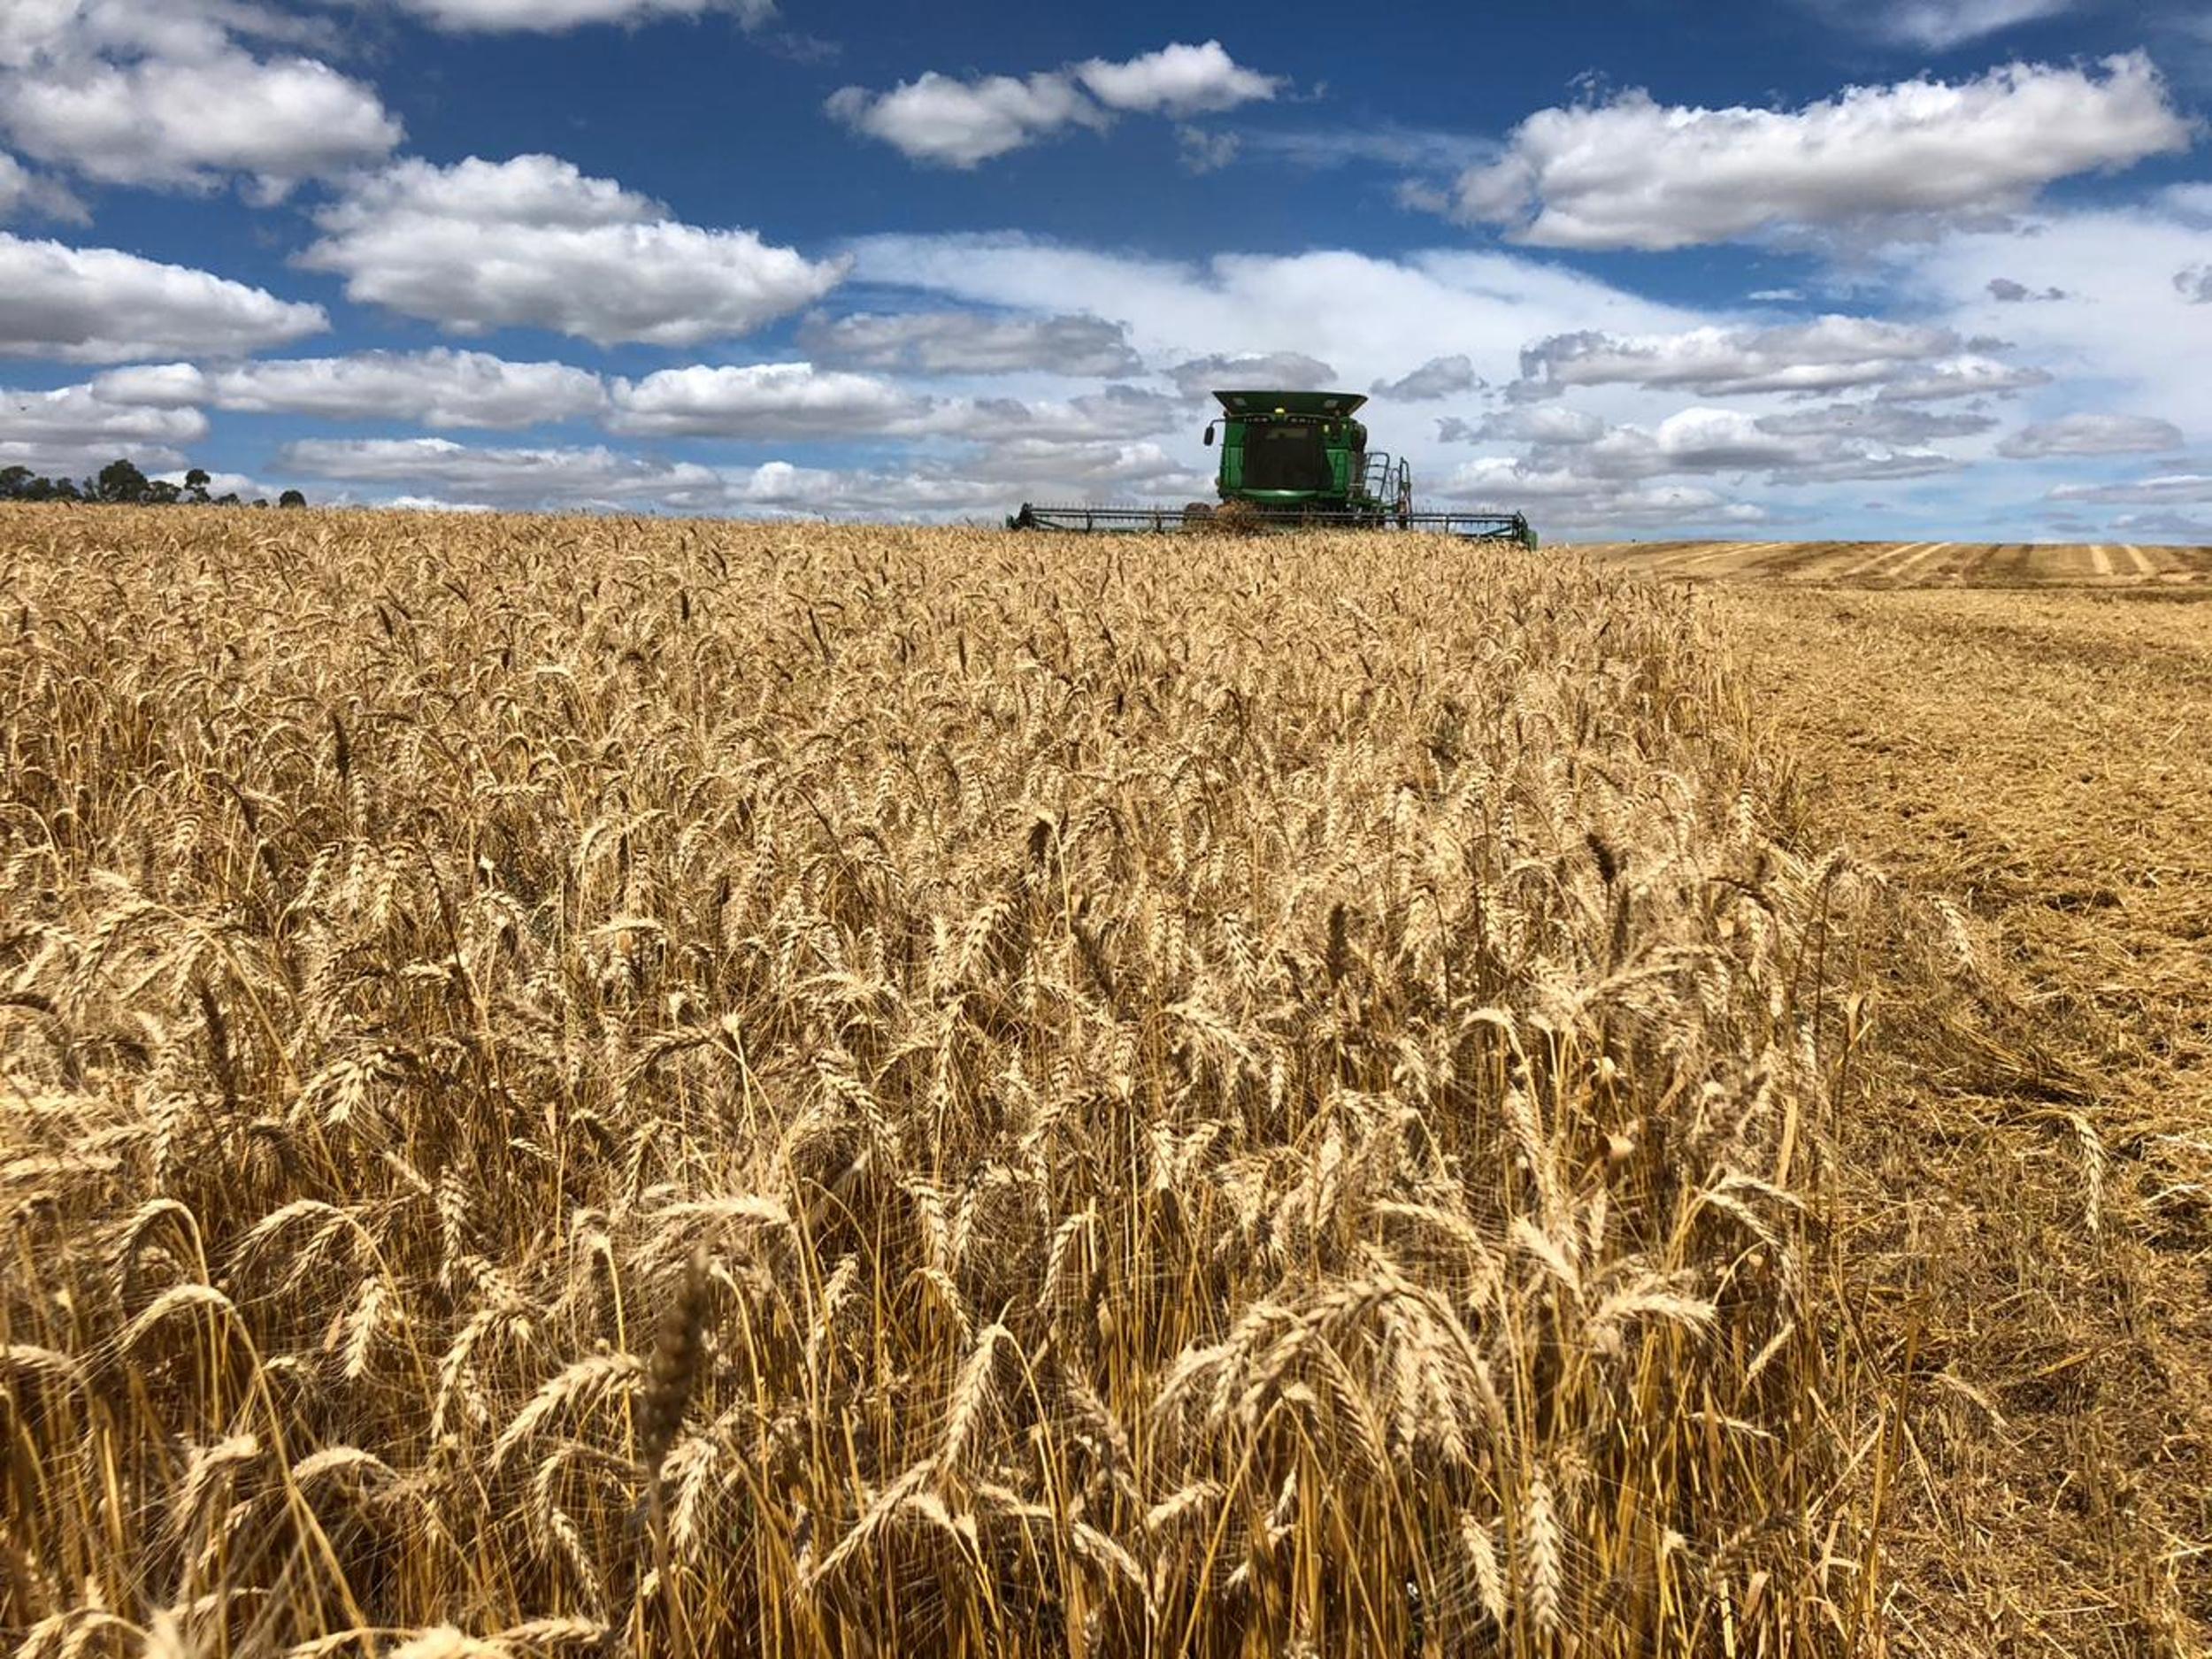 Eventos climáticos afetam safra de trigo no Rio Grande do Sul